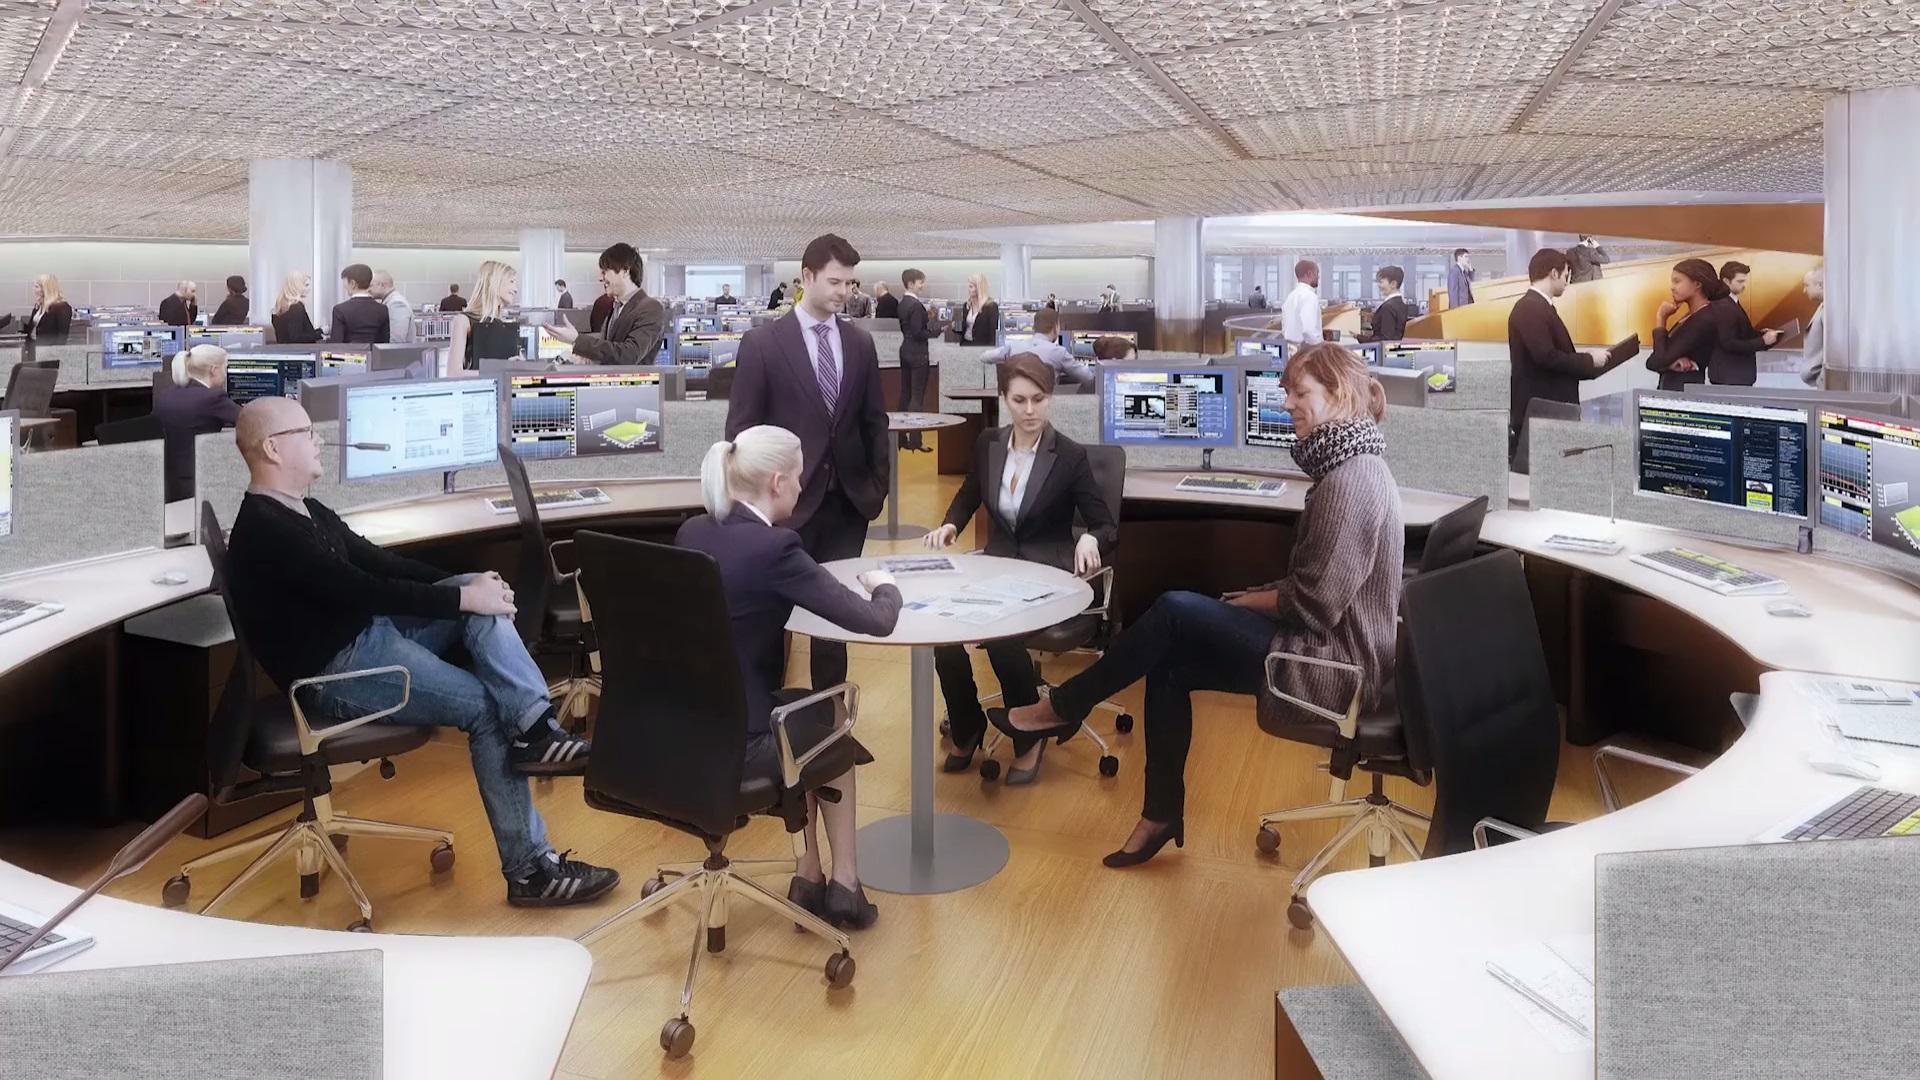 Рабочее пространство организовано в виде круглых секций из шести столов, чтобы сотрудники могли в случае необходимости обратиться к коллегам или коллективно обсудить возникшие вопросы. Каждый рабочий стол при желании трансформируется из сидячего в стоячий или из одиночного в двойной